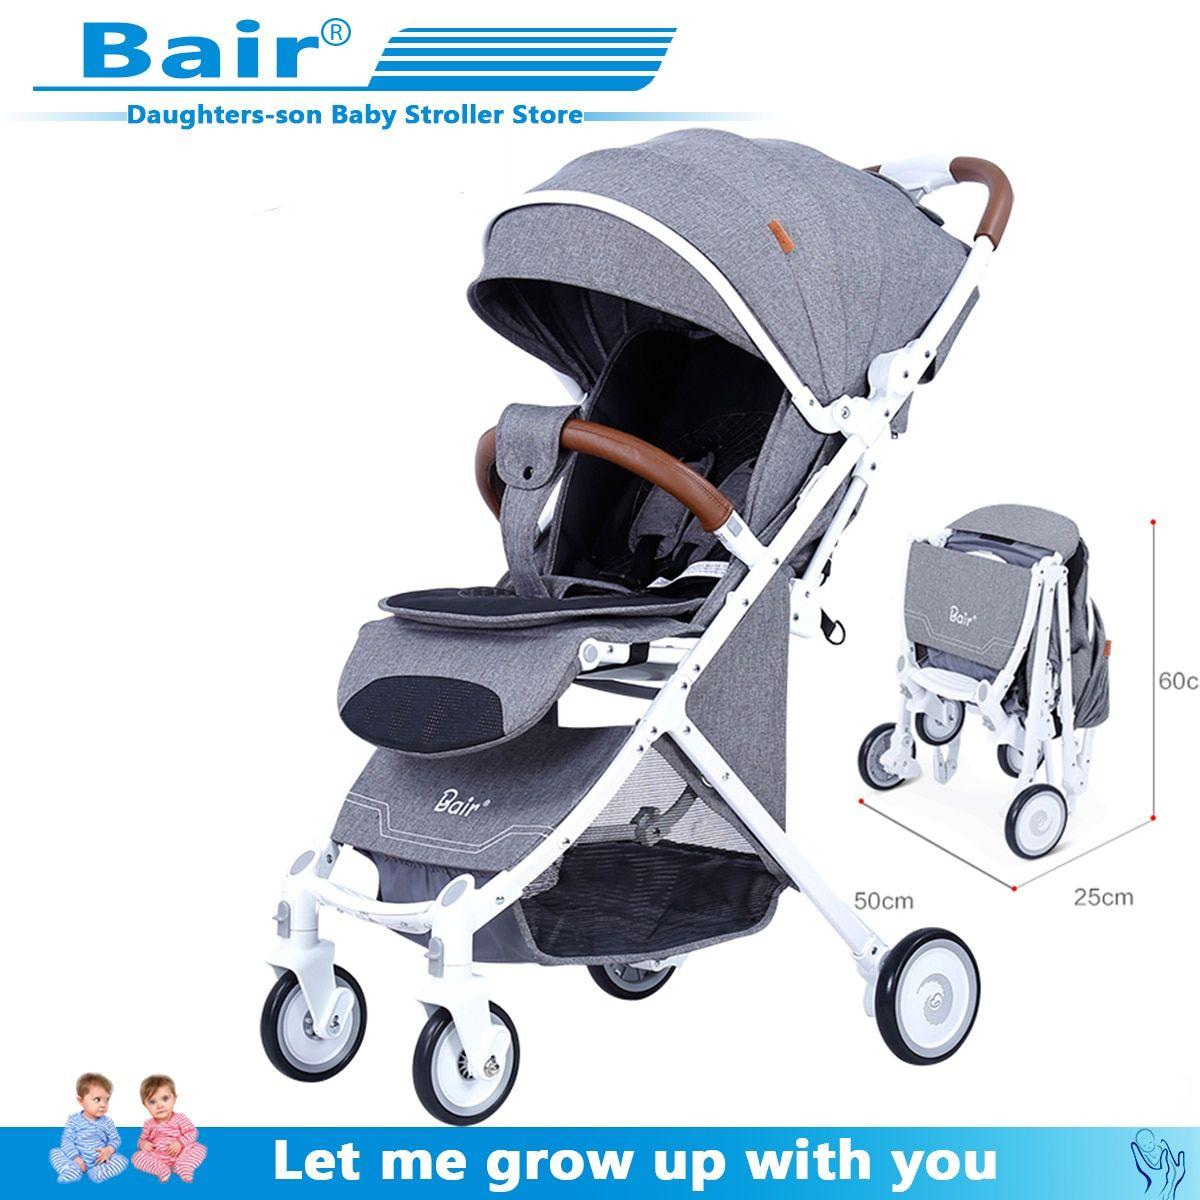 Lightweight Compact Stroller Newborn - Stroller